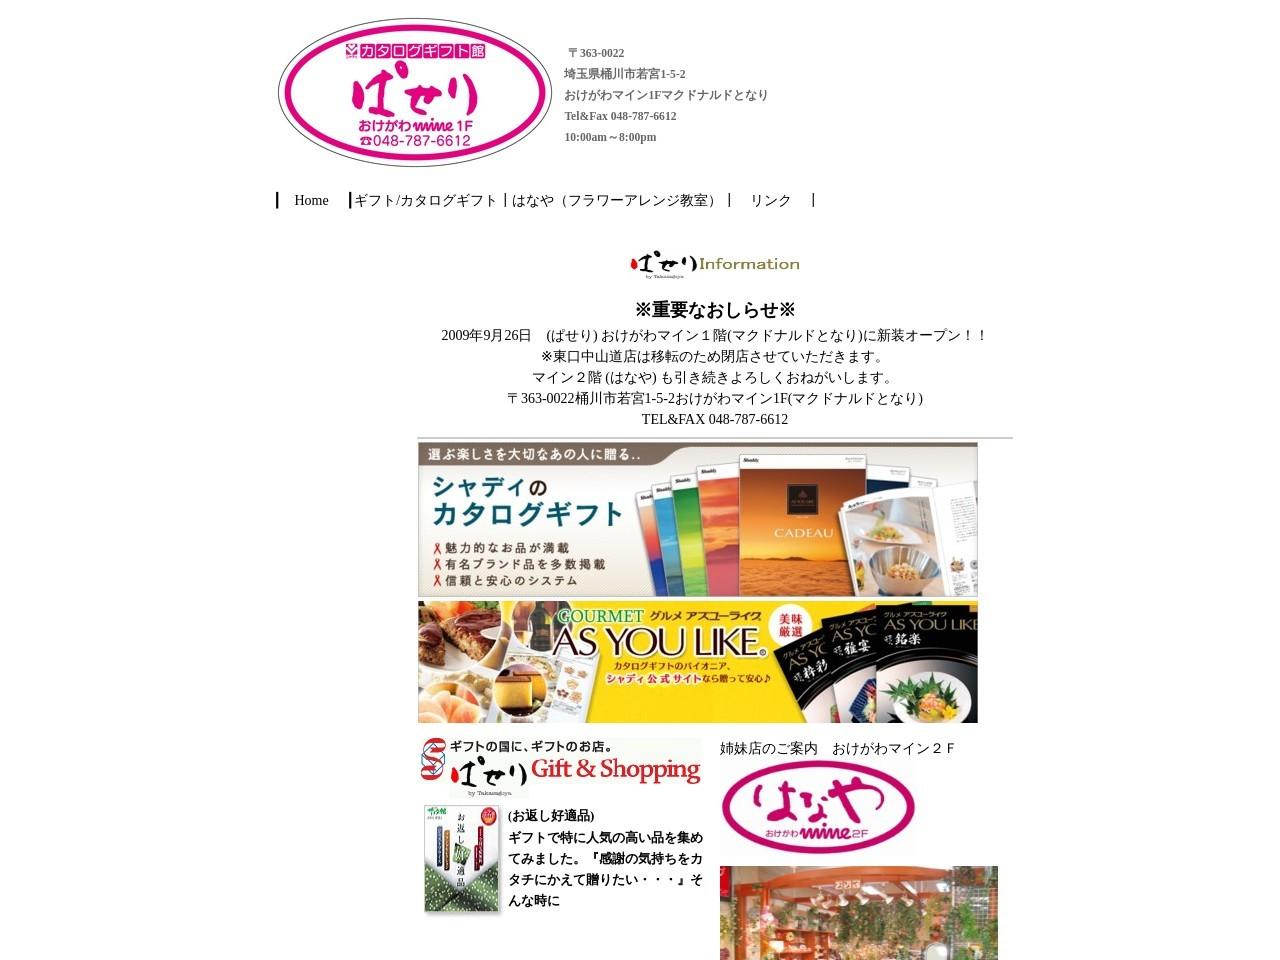 ぱせり/シャディアズユーライクカタログギフト・ギフト・フラワーアレンジギフト